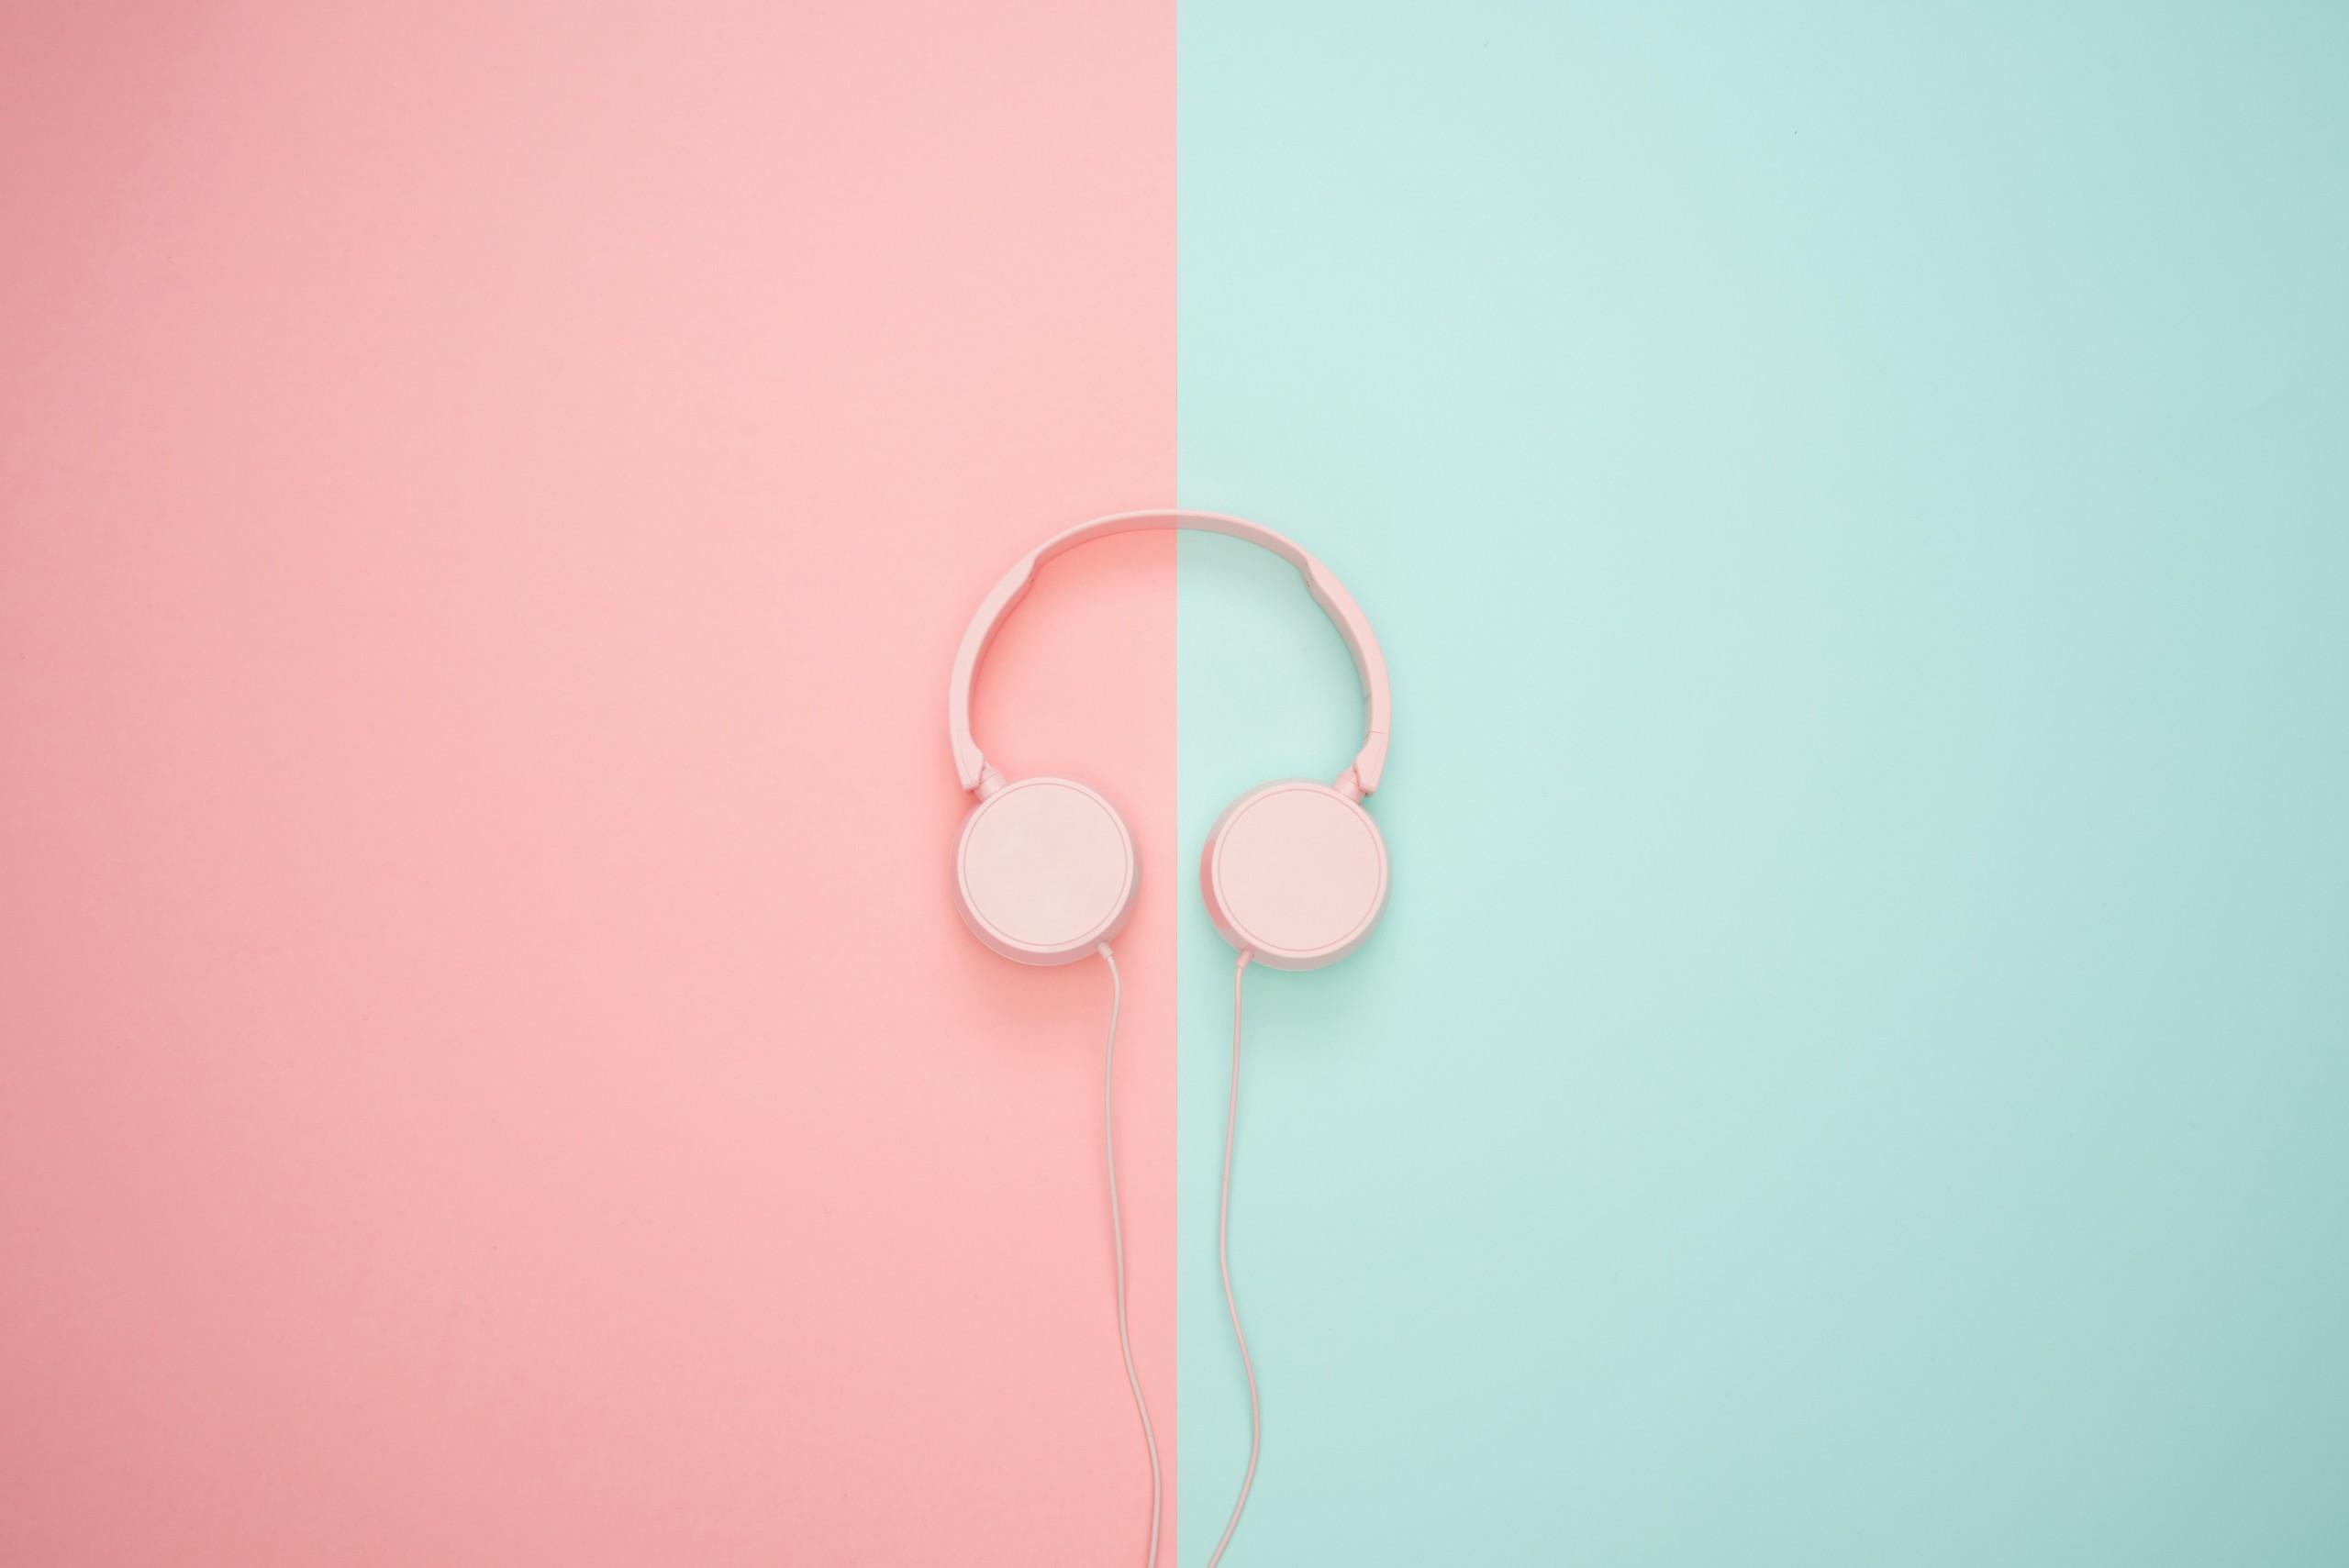 El primer festival de podcasts aterriza en España y… ¡no puedes perdértelo!